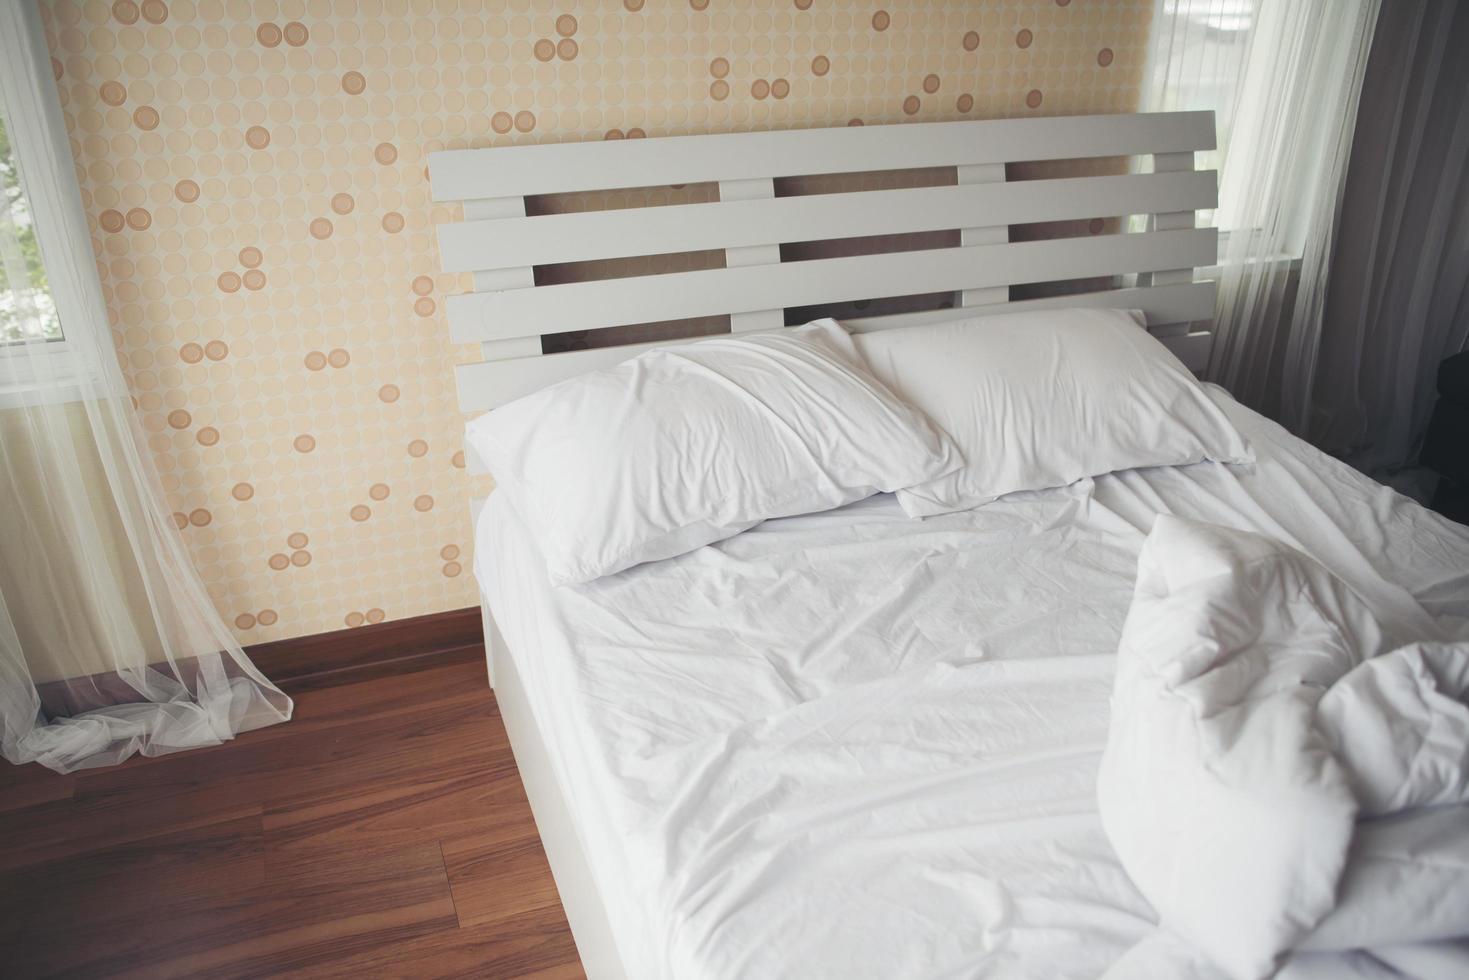 draps froissés dans la chambre photo